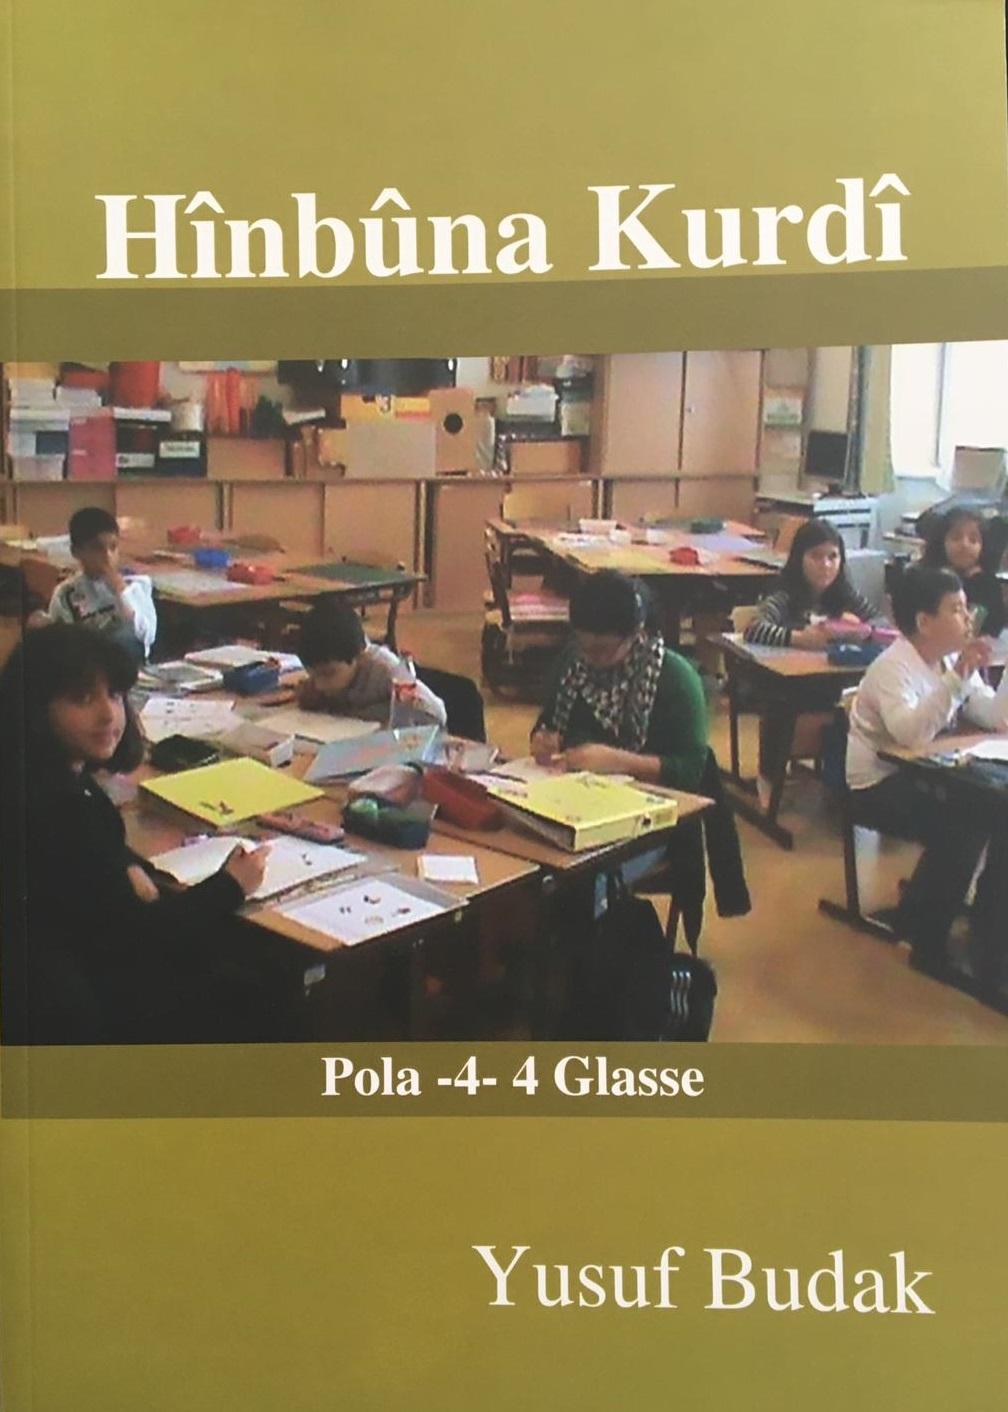 Hînbûna Kurdî Pola 4-4 Glasse Kitap Resmi